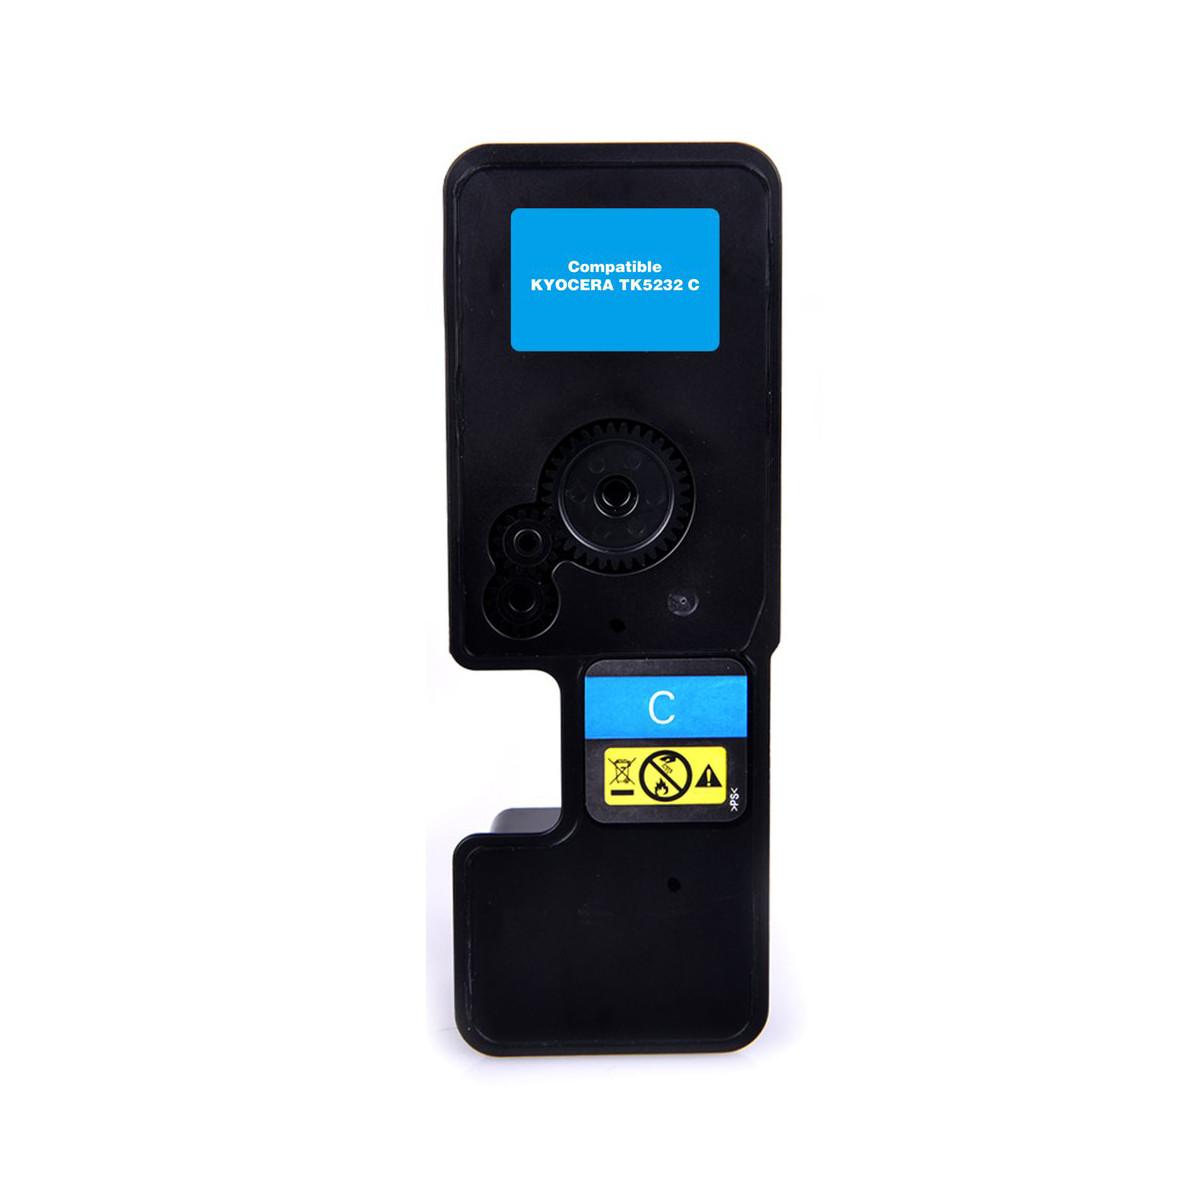 Toner Compatível com Kyocera TK-5232C TK5232 Ciano   P5021CDN 5021CDN M5521CDN   Importado 2.2k